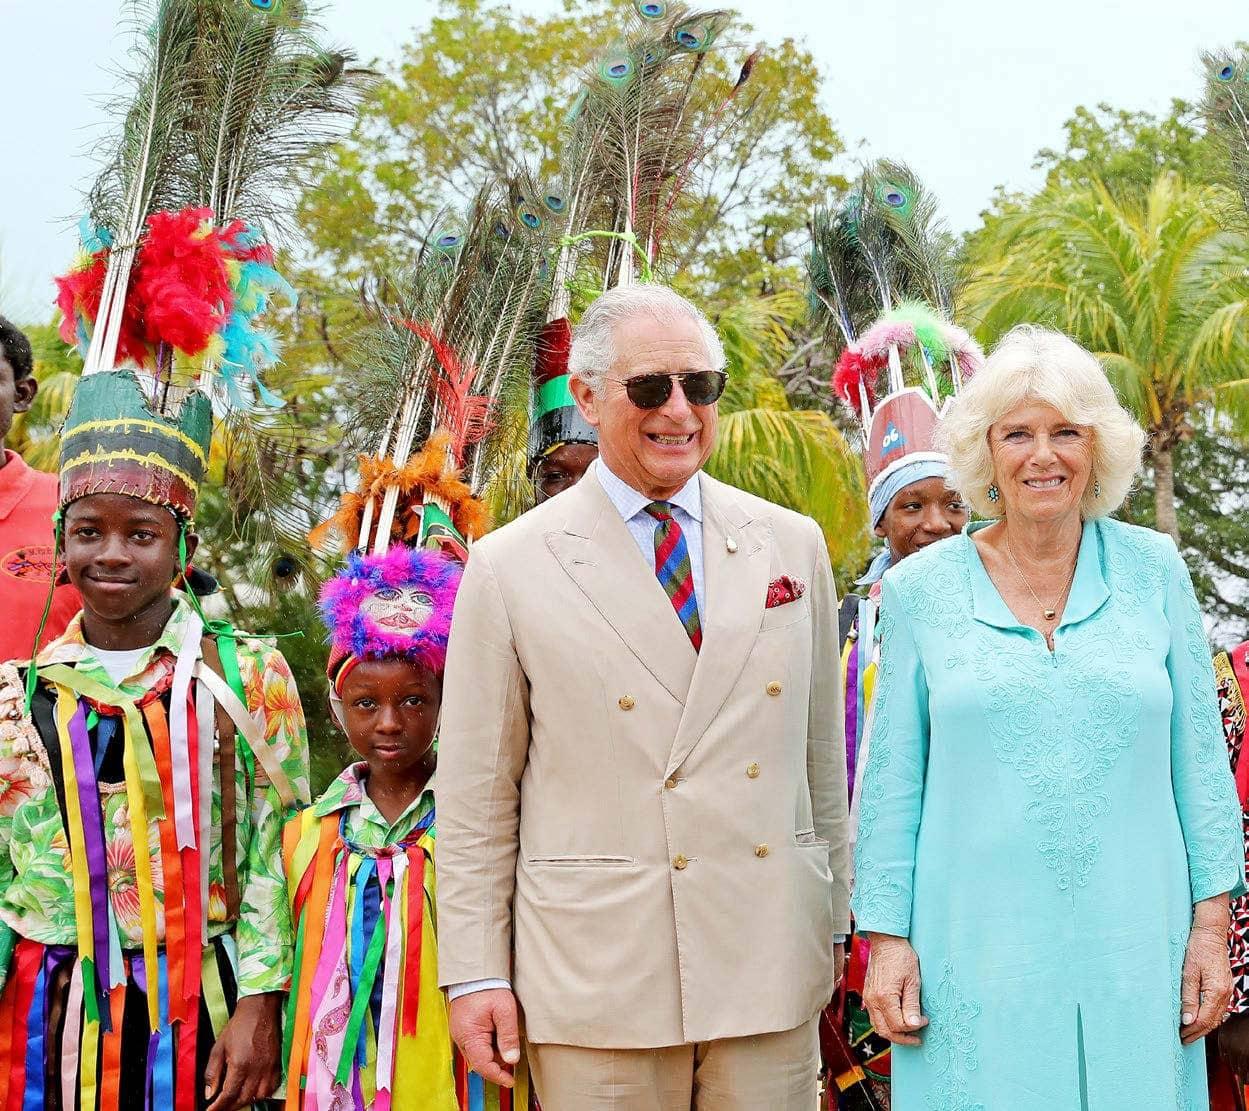 Caribbean King & Queen